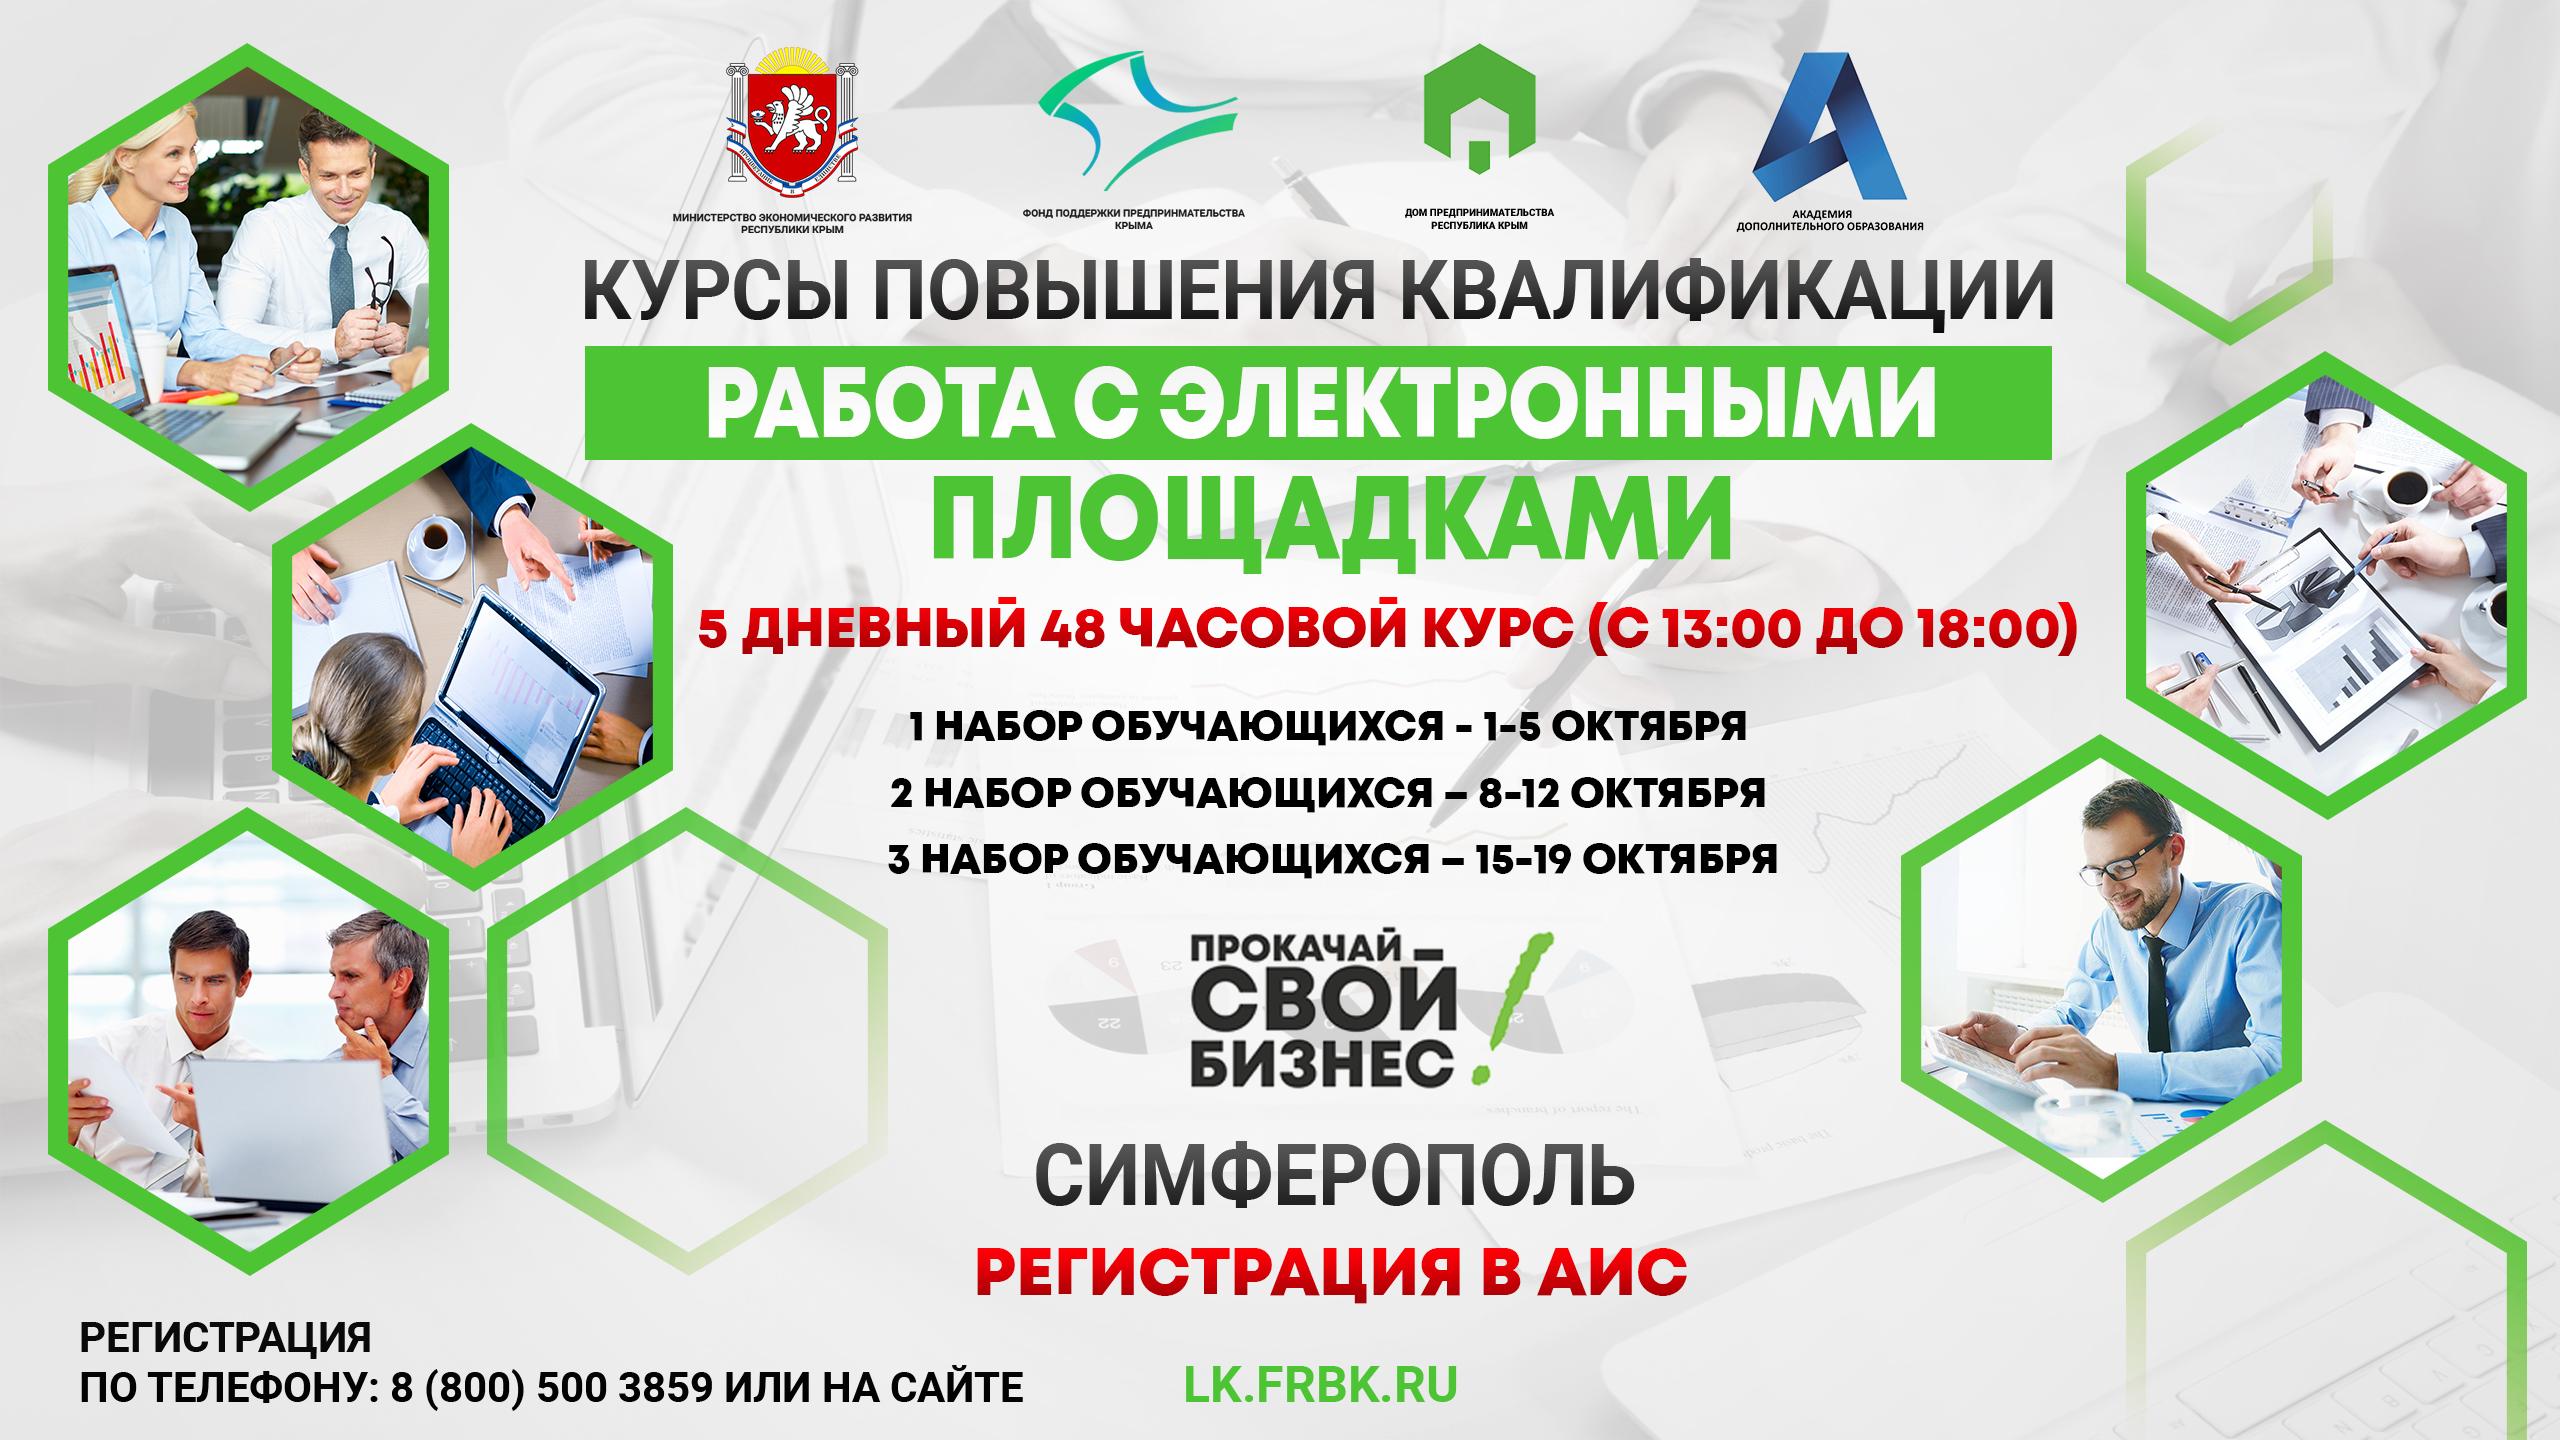 бесплатные курсы для предпринимателей в крыму